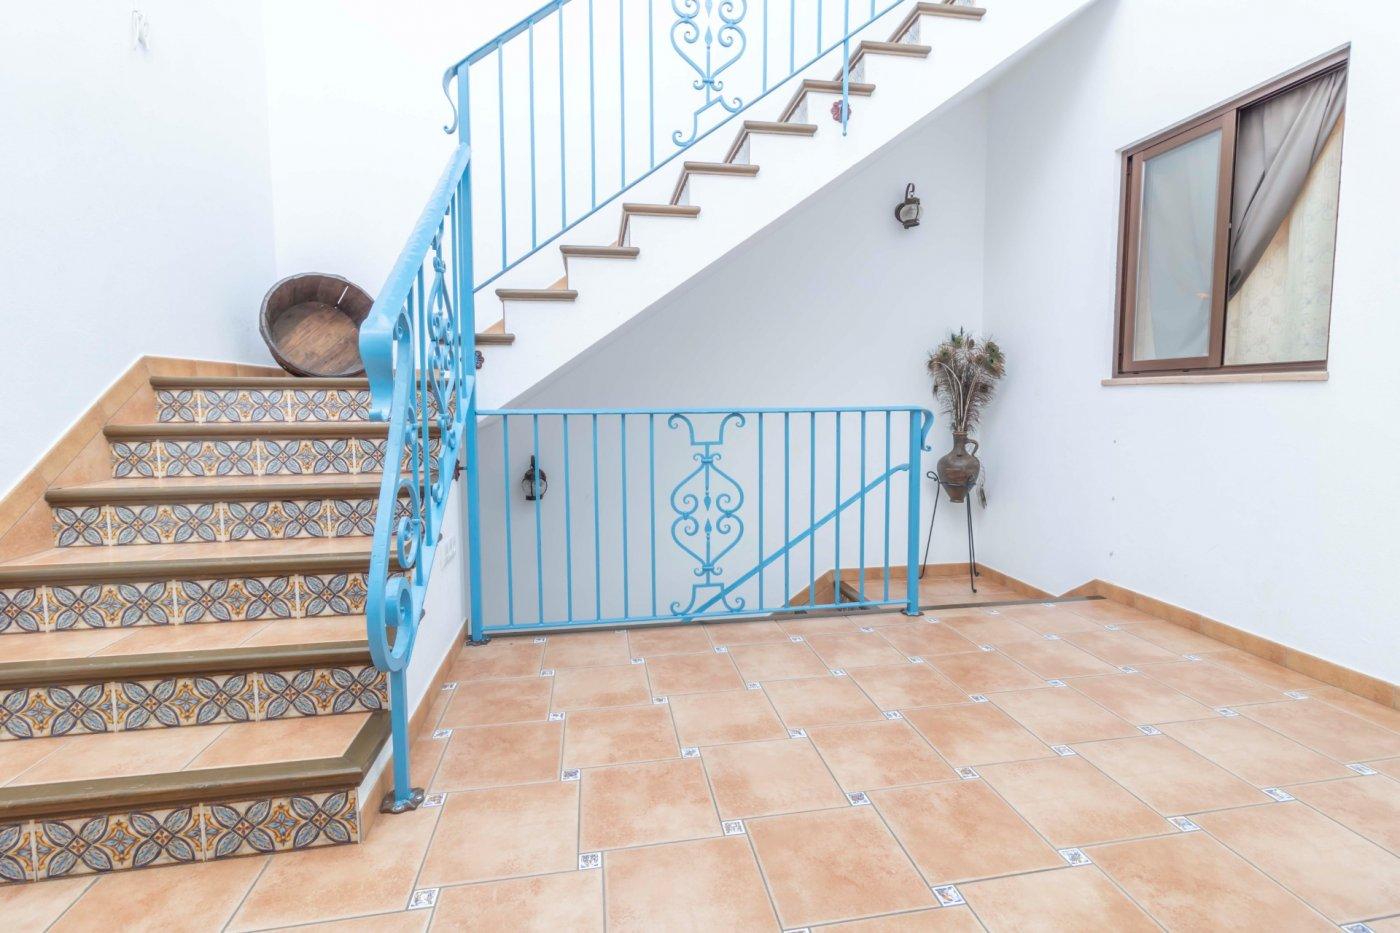 Casa de reciente construccion a la venta en carmona - imagenInmueble33